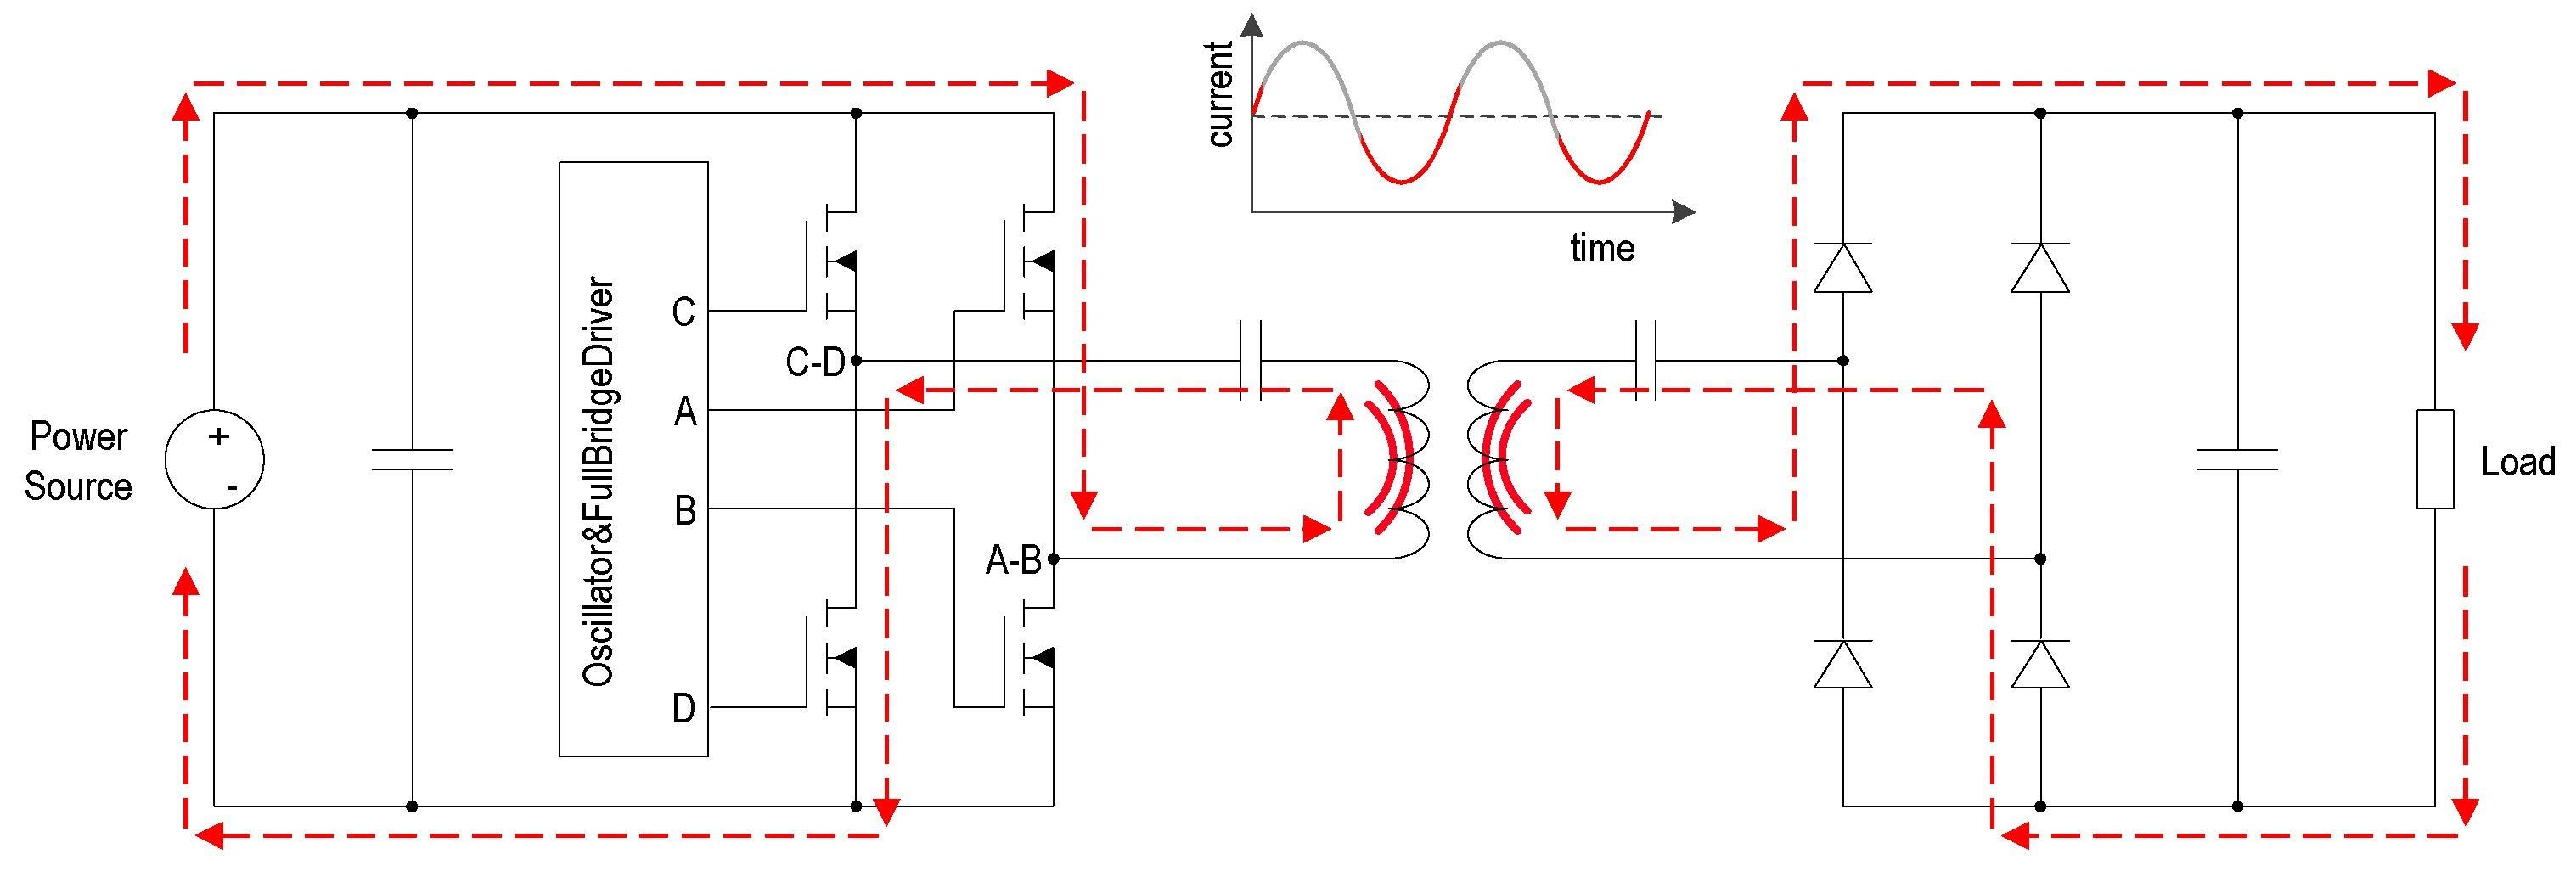 图5b:谐振电路中负半波 (ICR/LR) 期间的能量传递原理